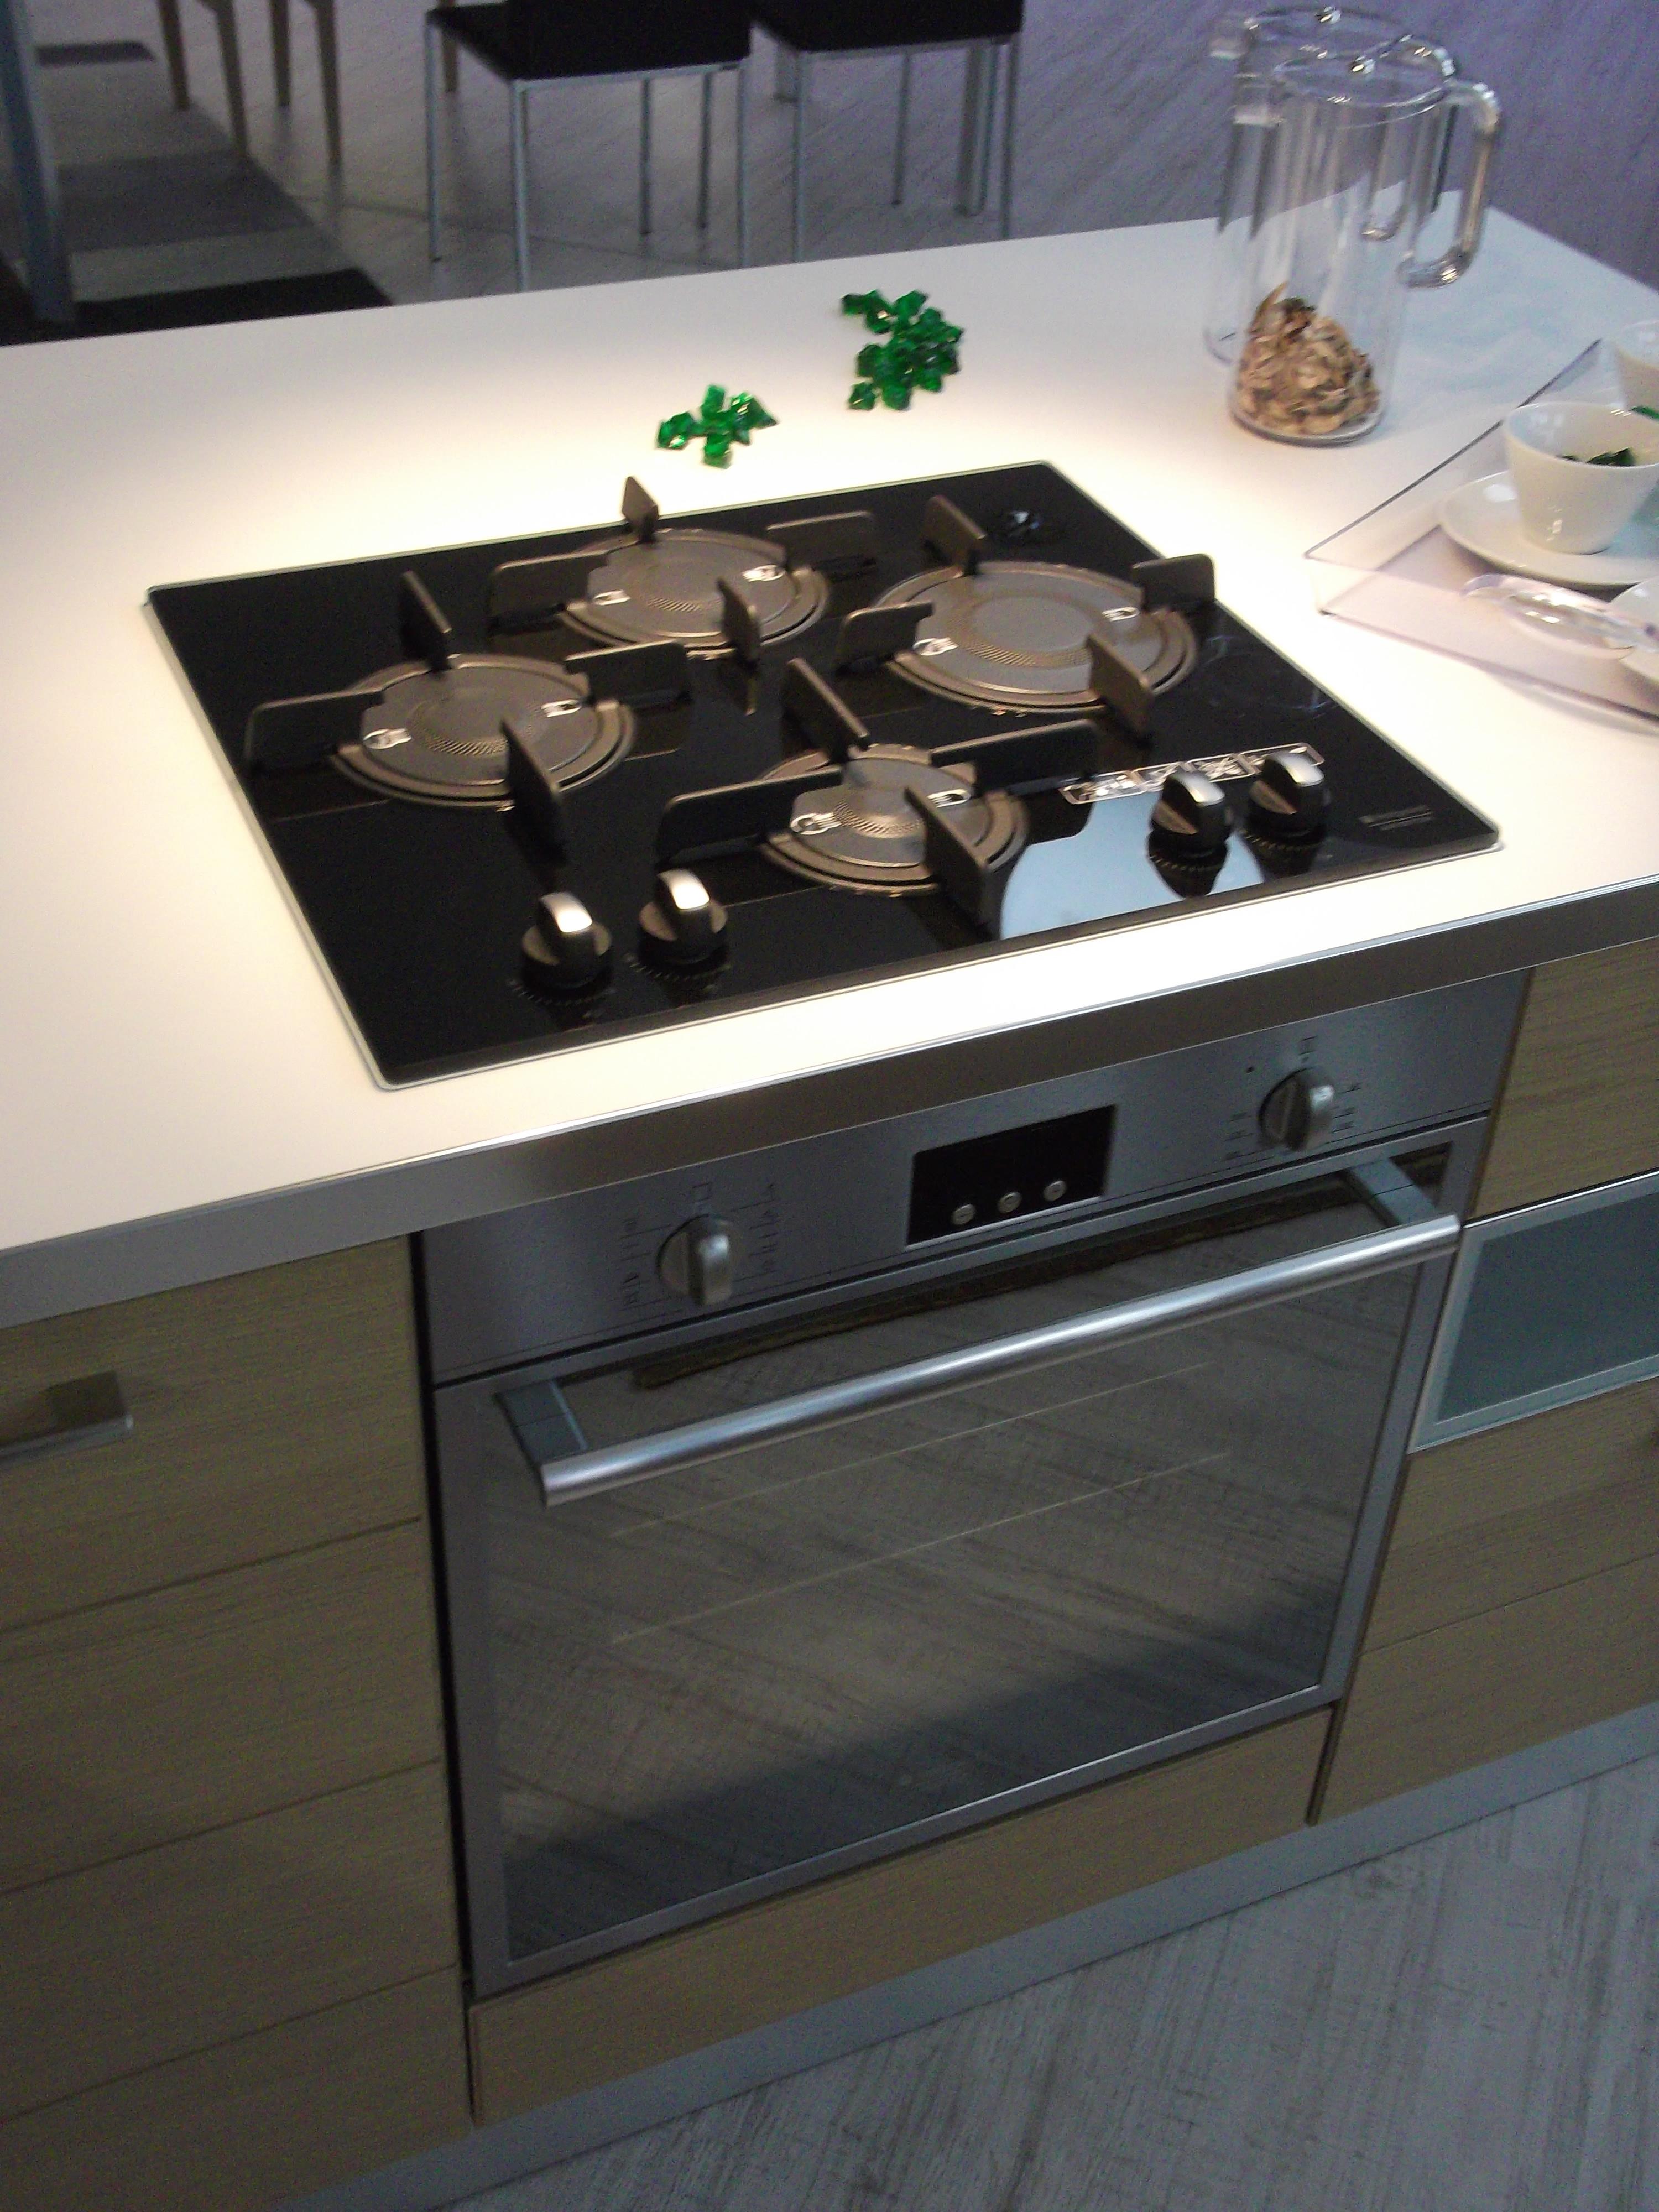 Cucina play scavolini scontata cucine a prezzi scontati - Piano cottura e forno ...